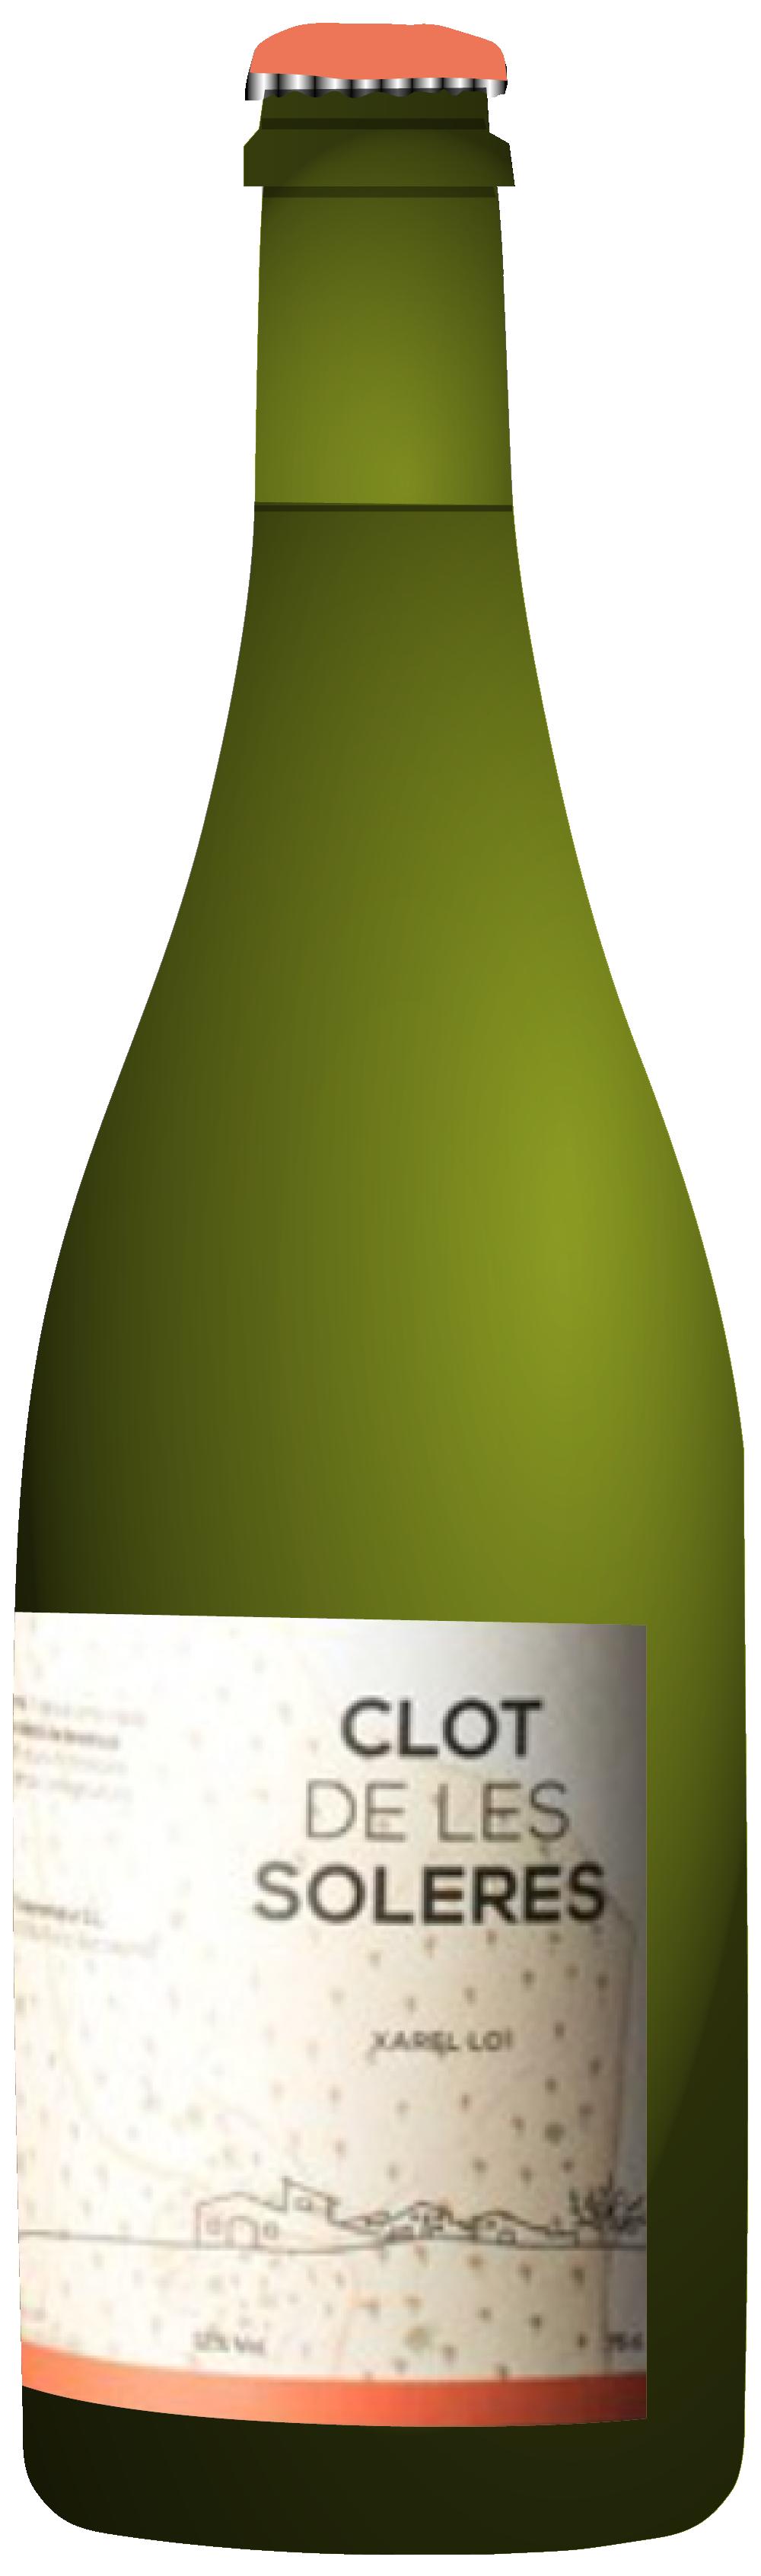 the natural wine company club january 2021 spain clot de les soleres xarello